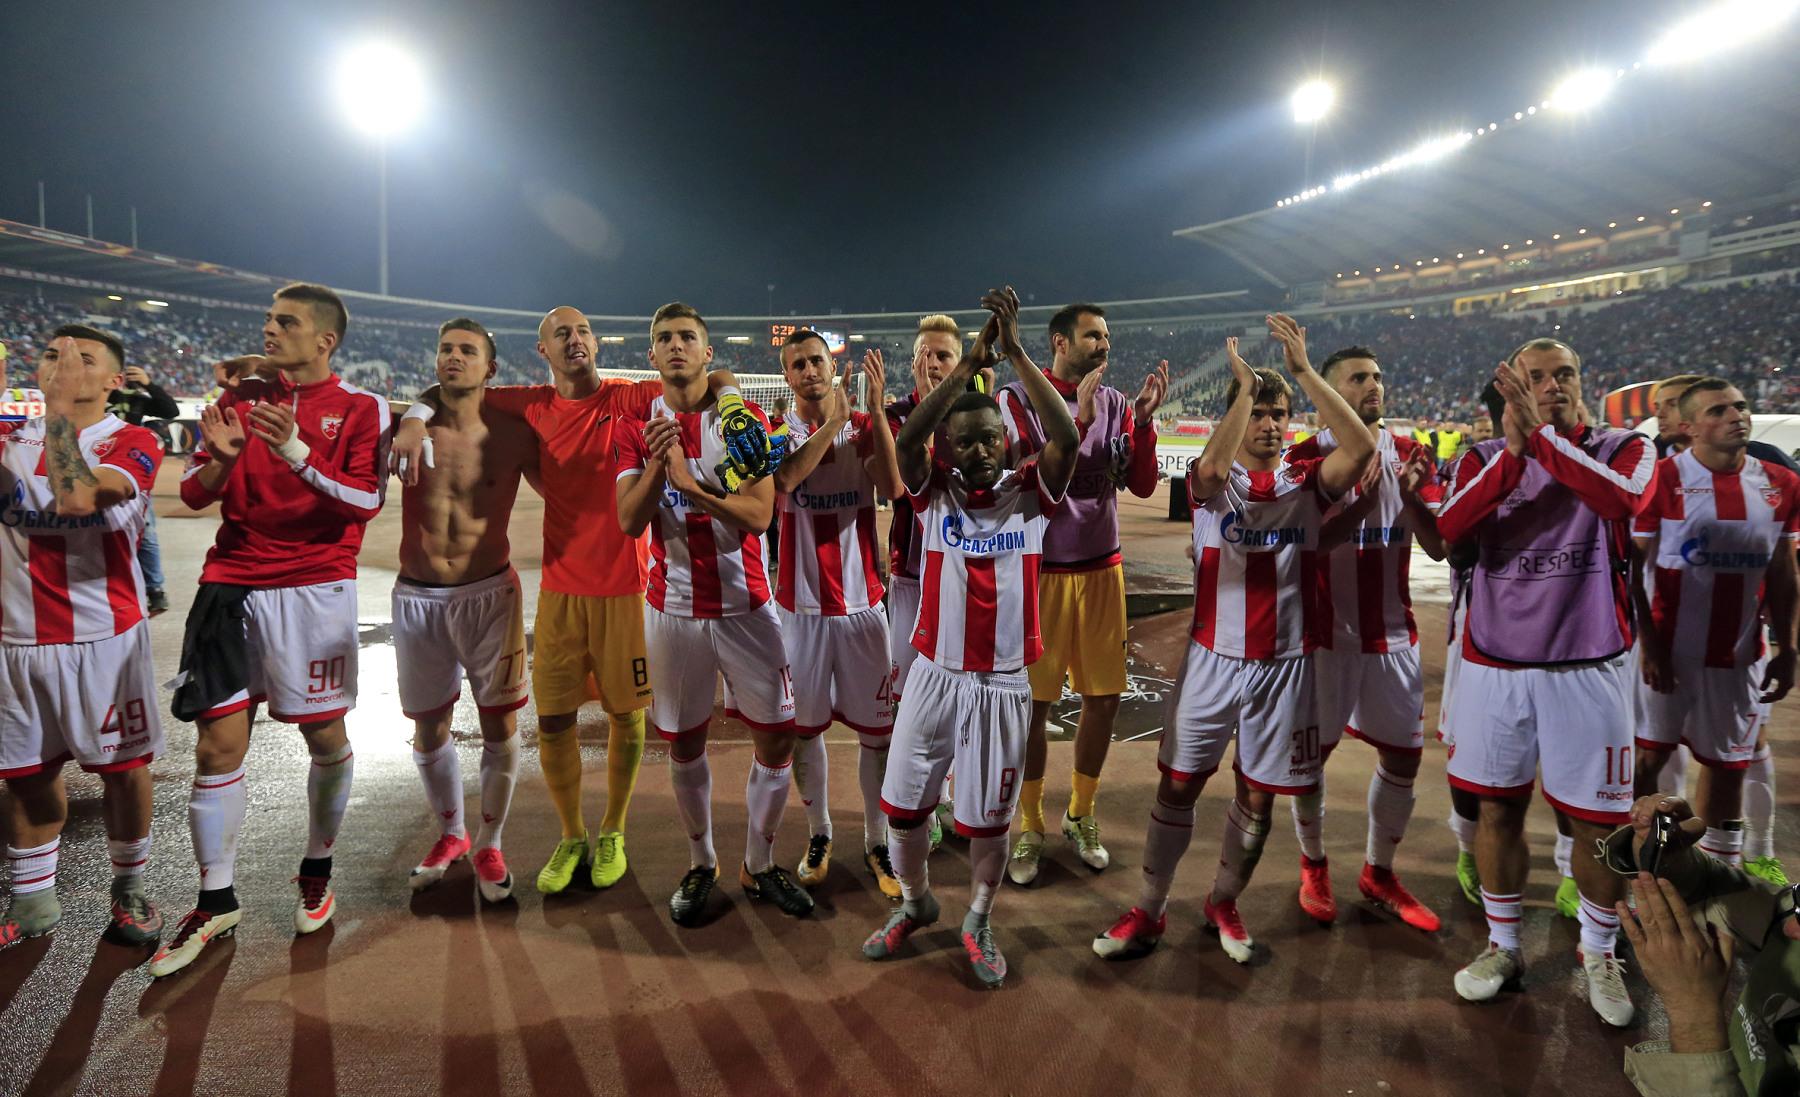 Vesti - FOTO-UBOD: Slika koja će obići svet, navijač Zvezde posle Arsenala utrčao na teren i plakao pred Borjanom (FOTO)